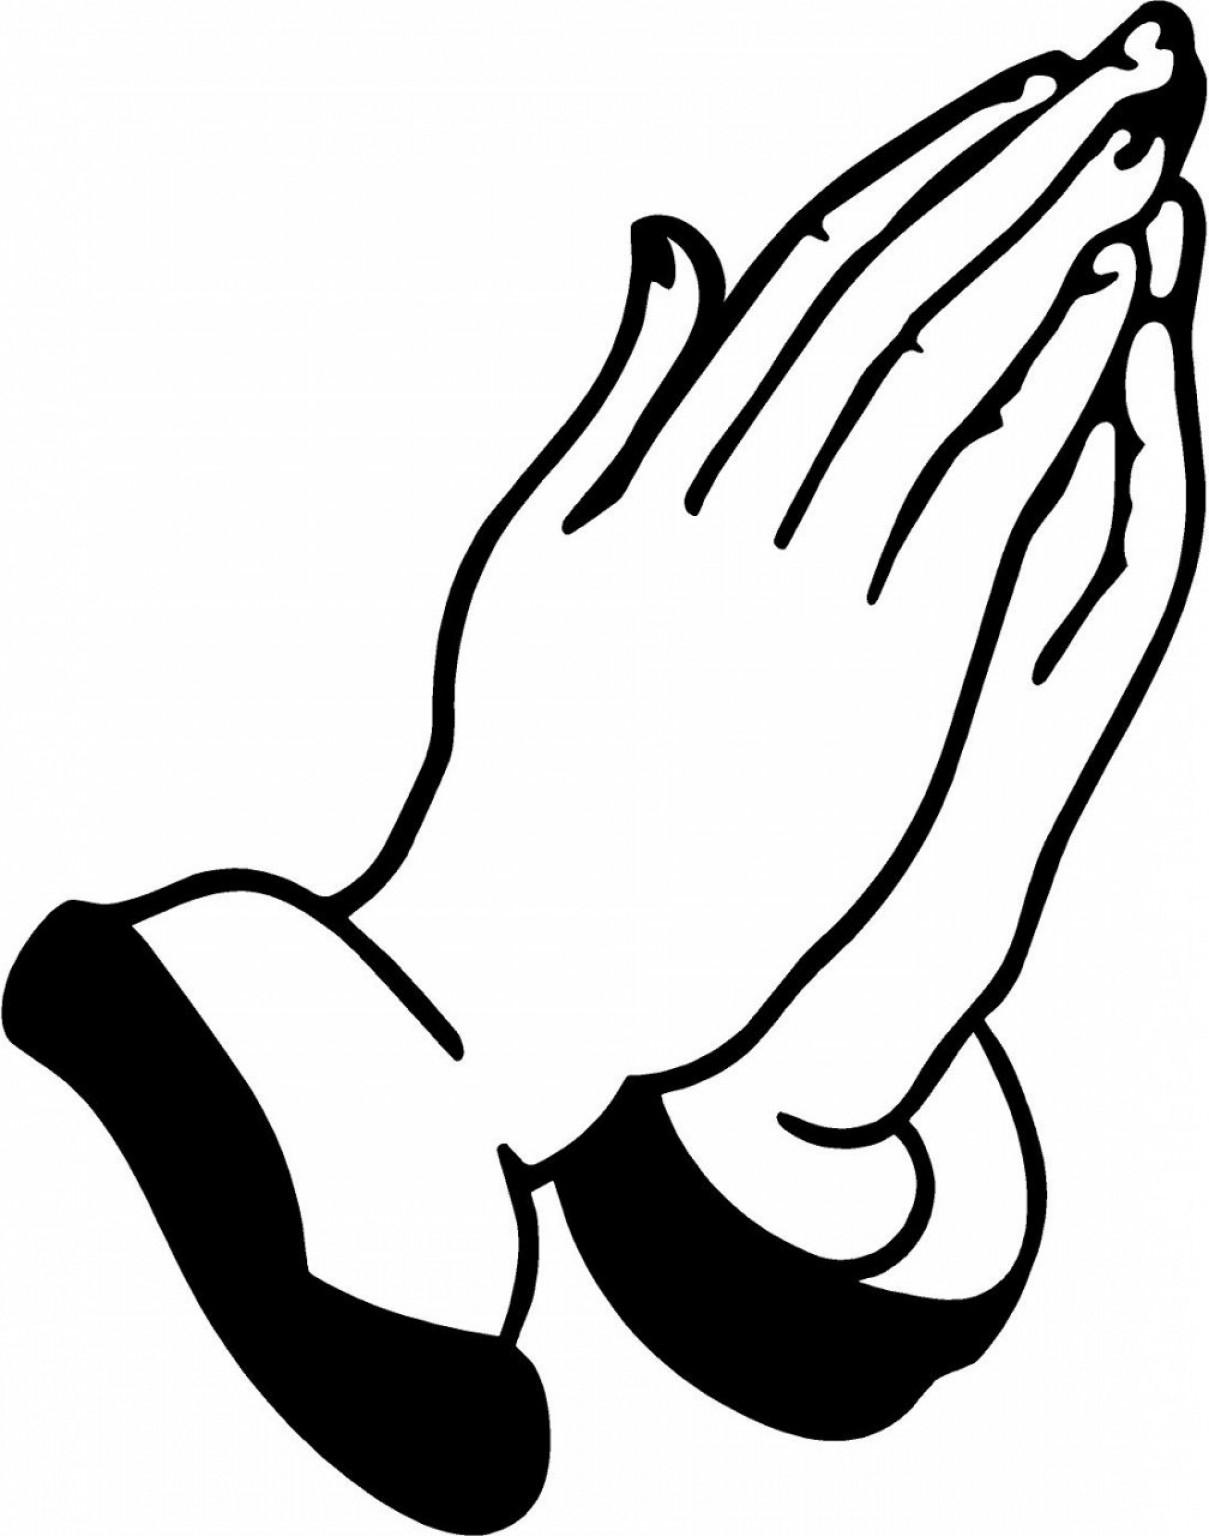 1209x1536 how to draw praying hands emoji drawing of praying hands praying